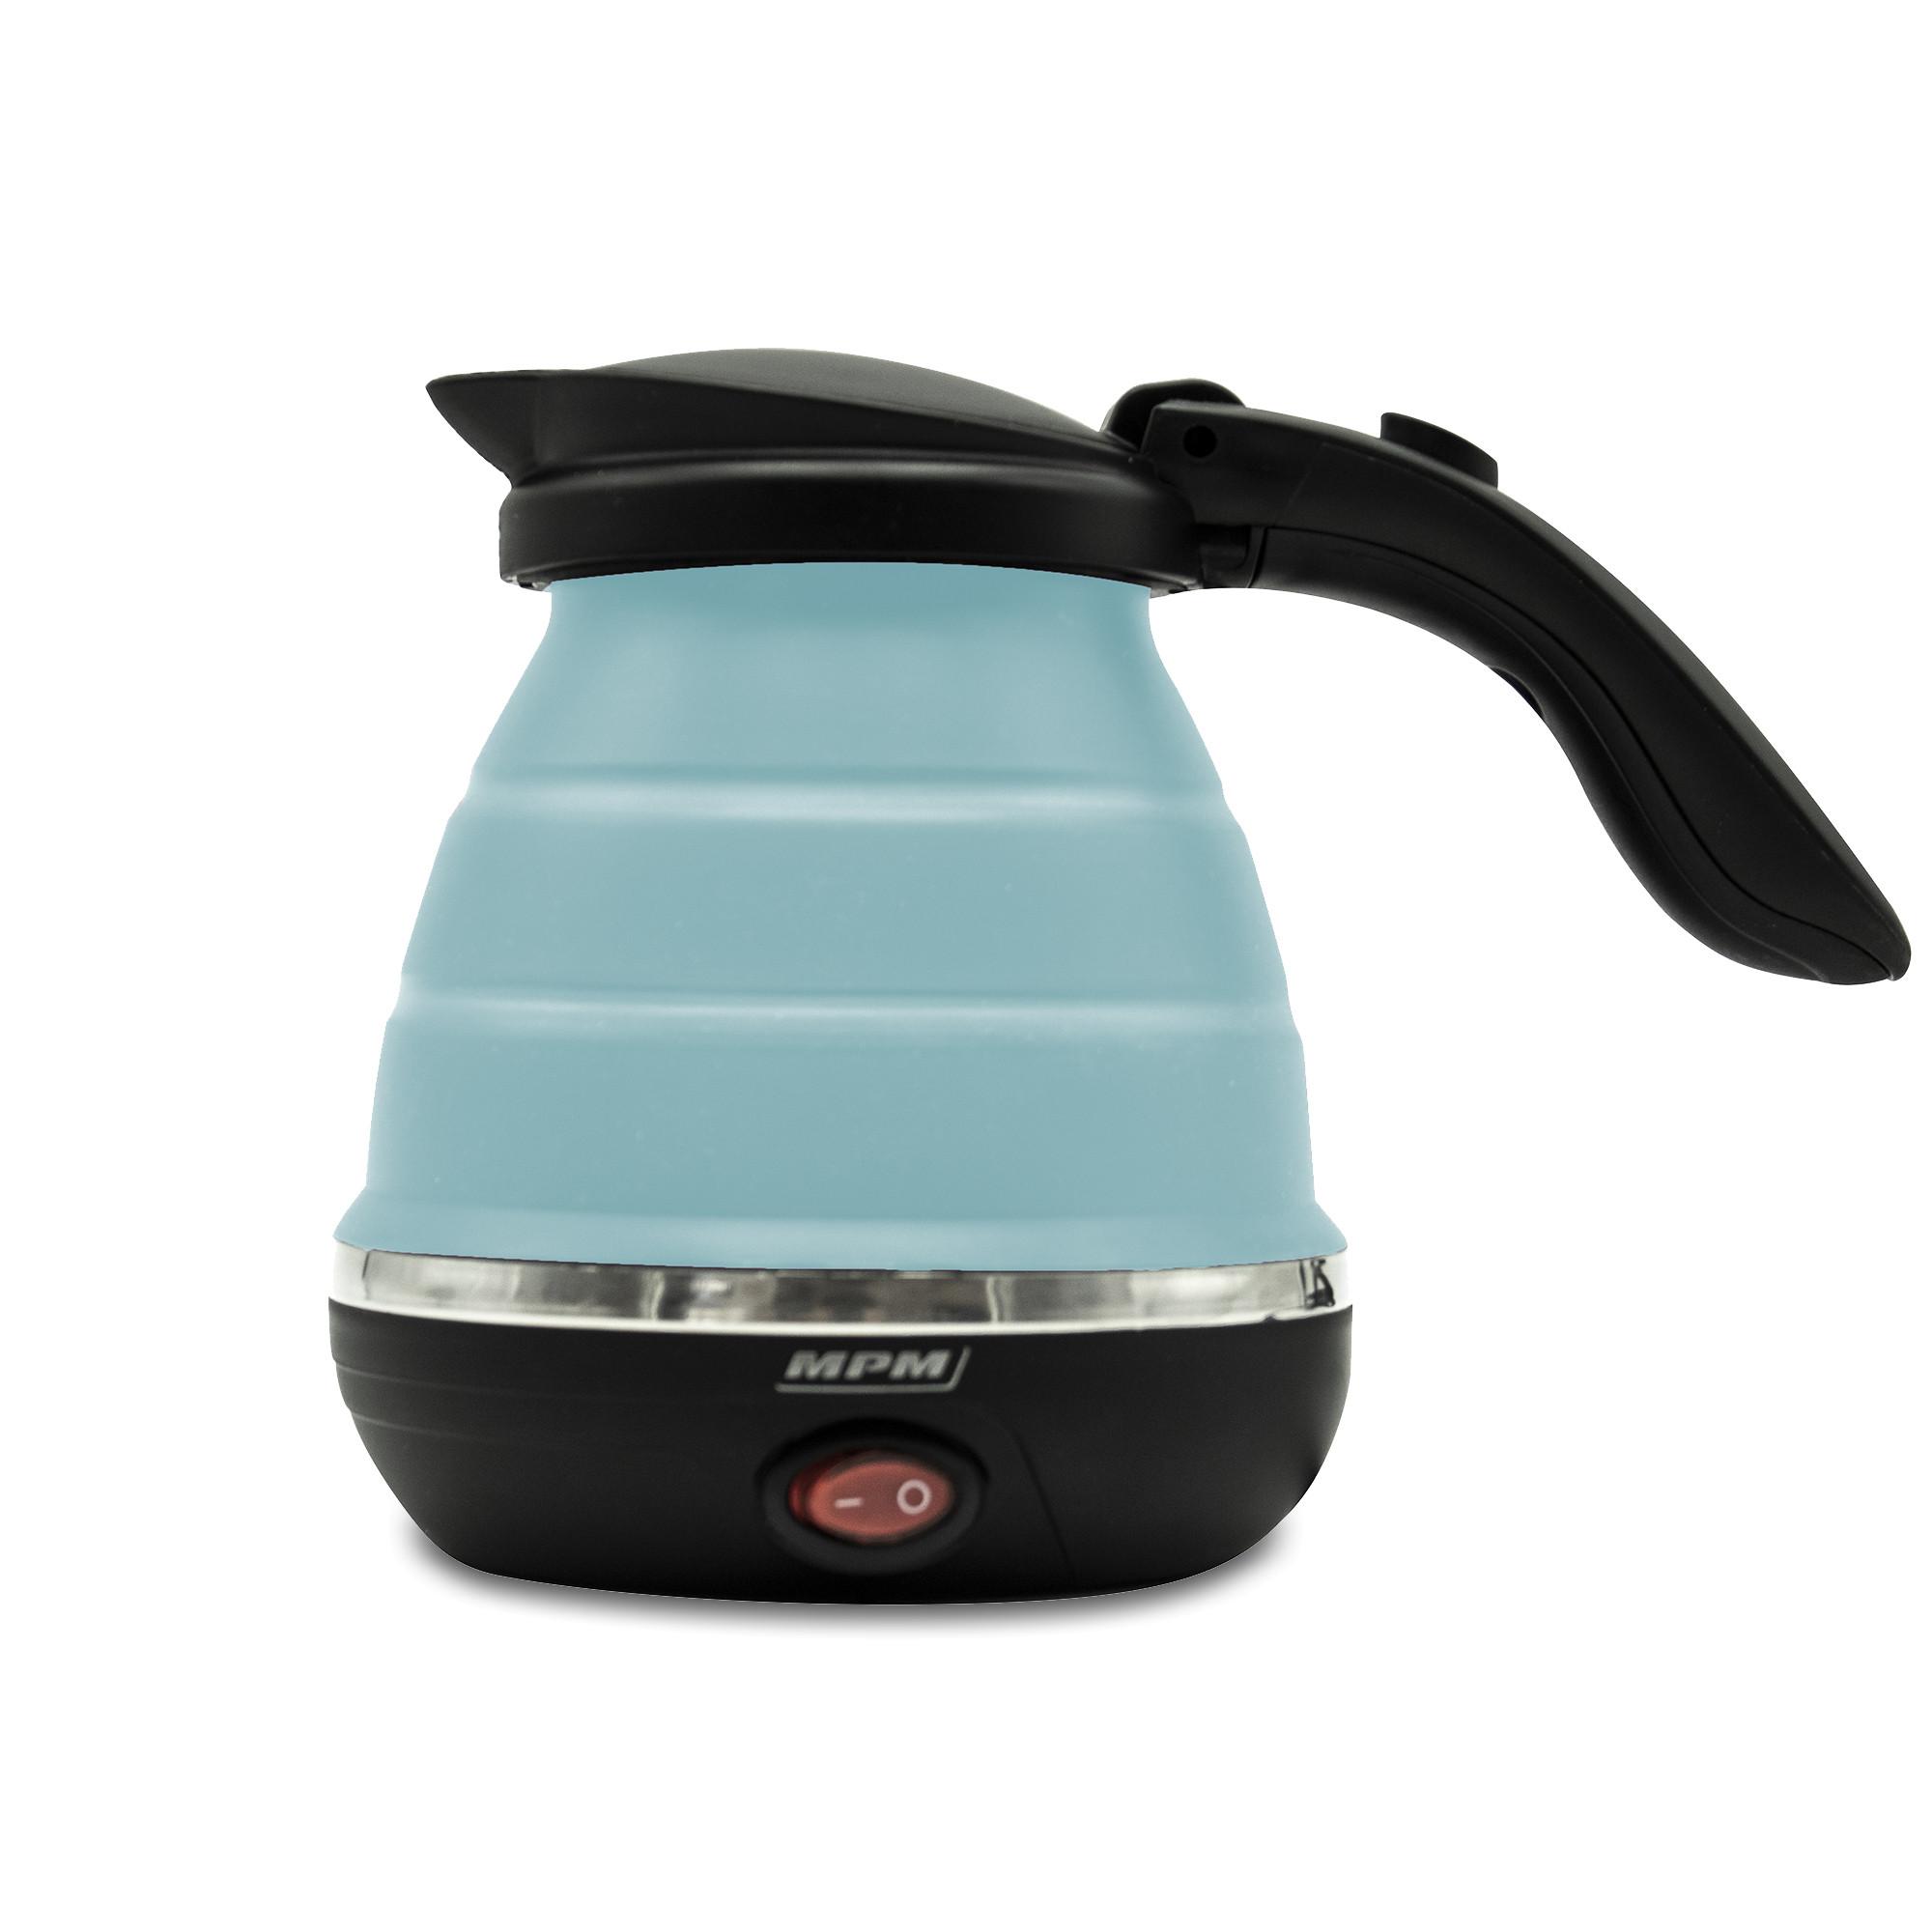 MPM MCZ-73/N Hervidor de Agua Eléctrico Plegable, Resistencia Ociulta, Tapa automática, Silicona, 0,5 Litros, 750W, Libre de BPA, Azul